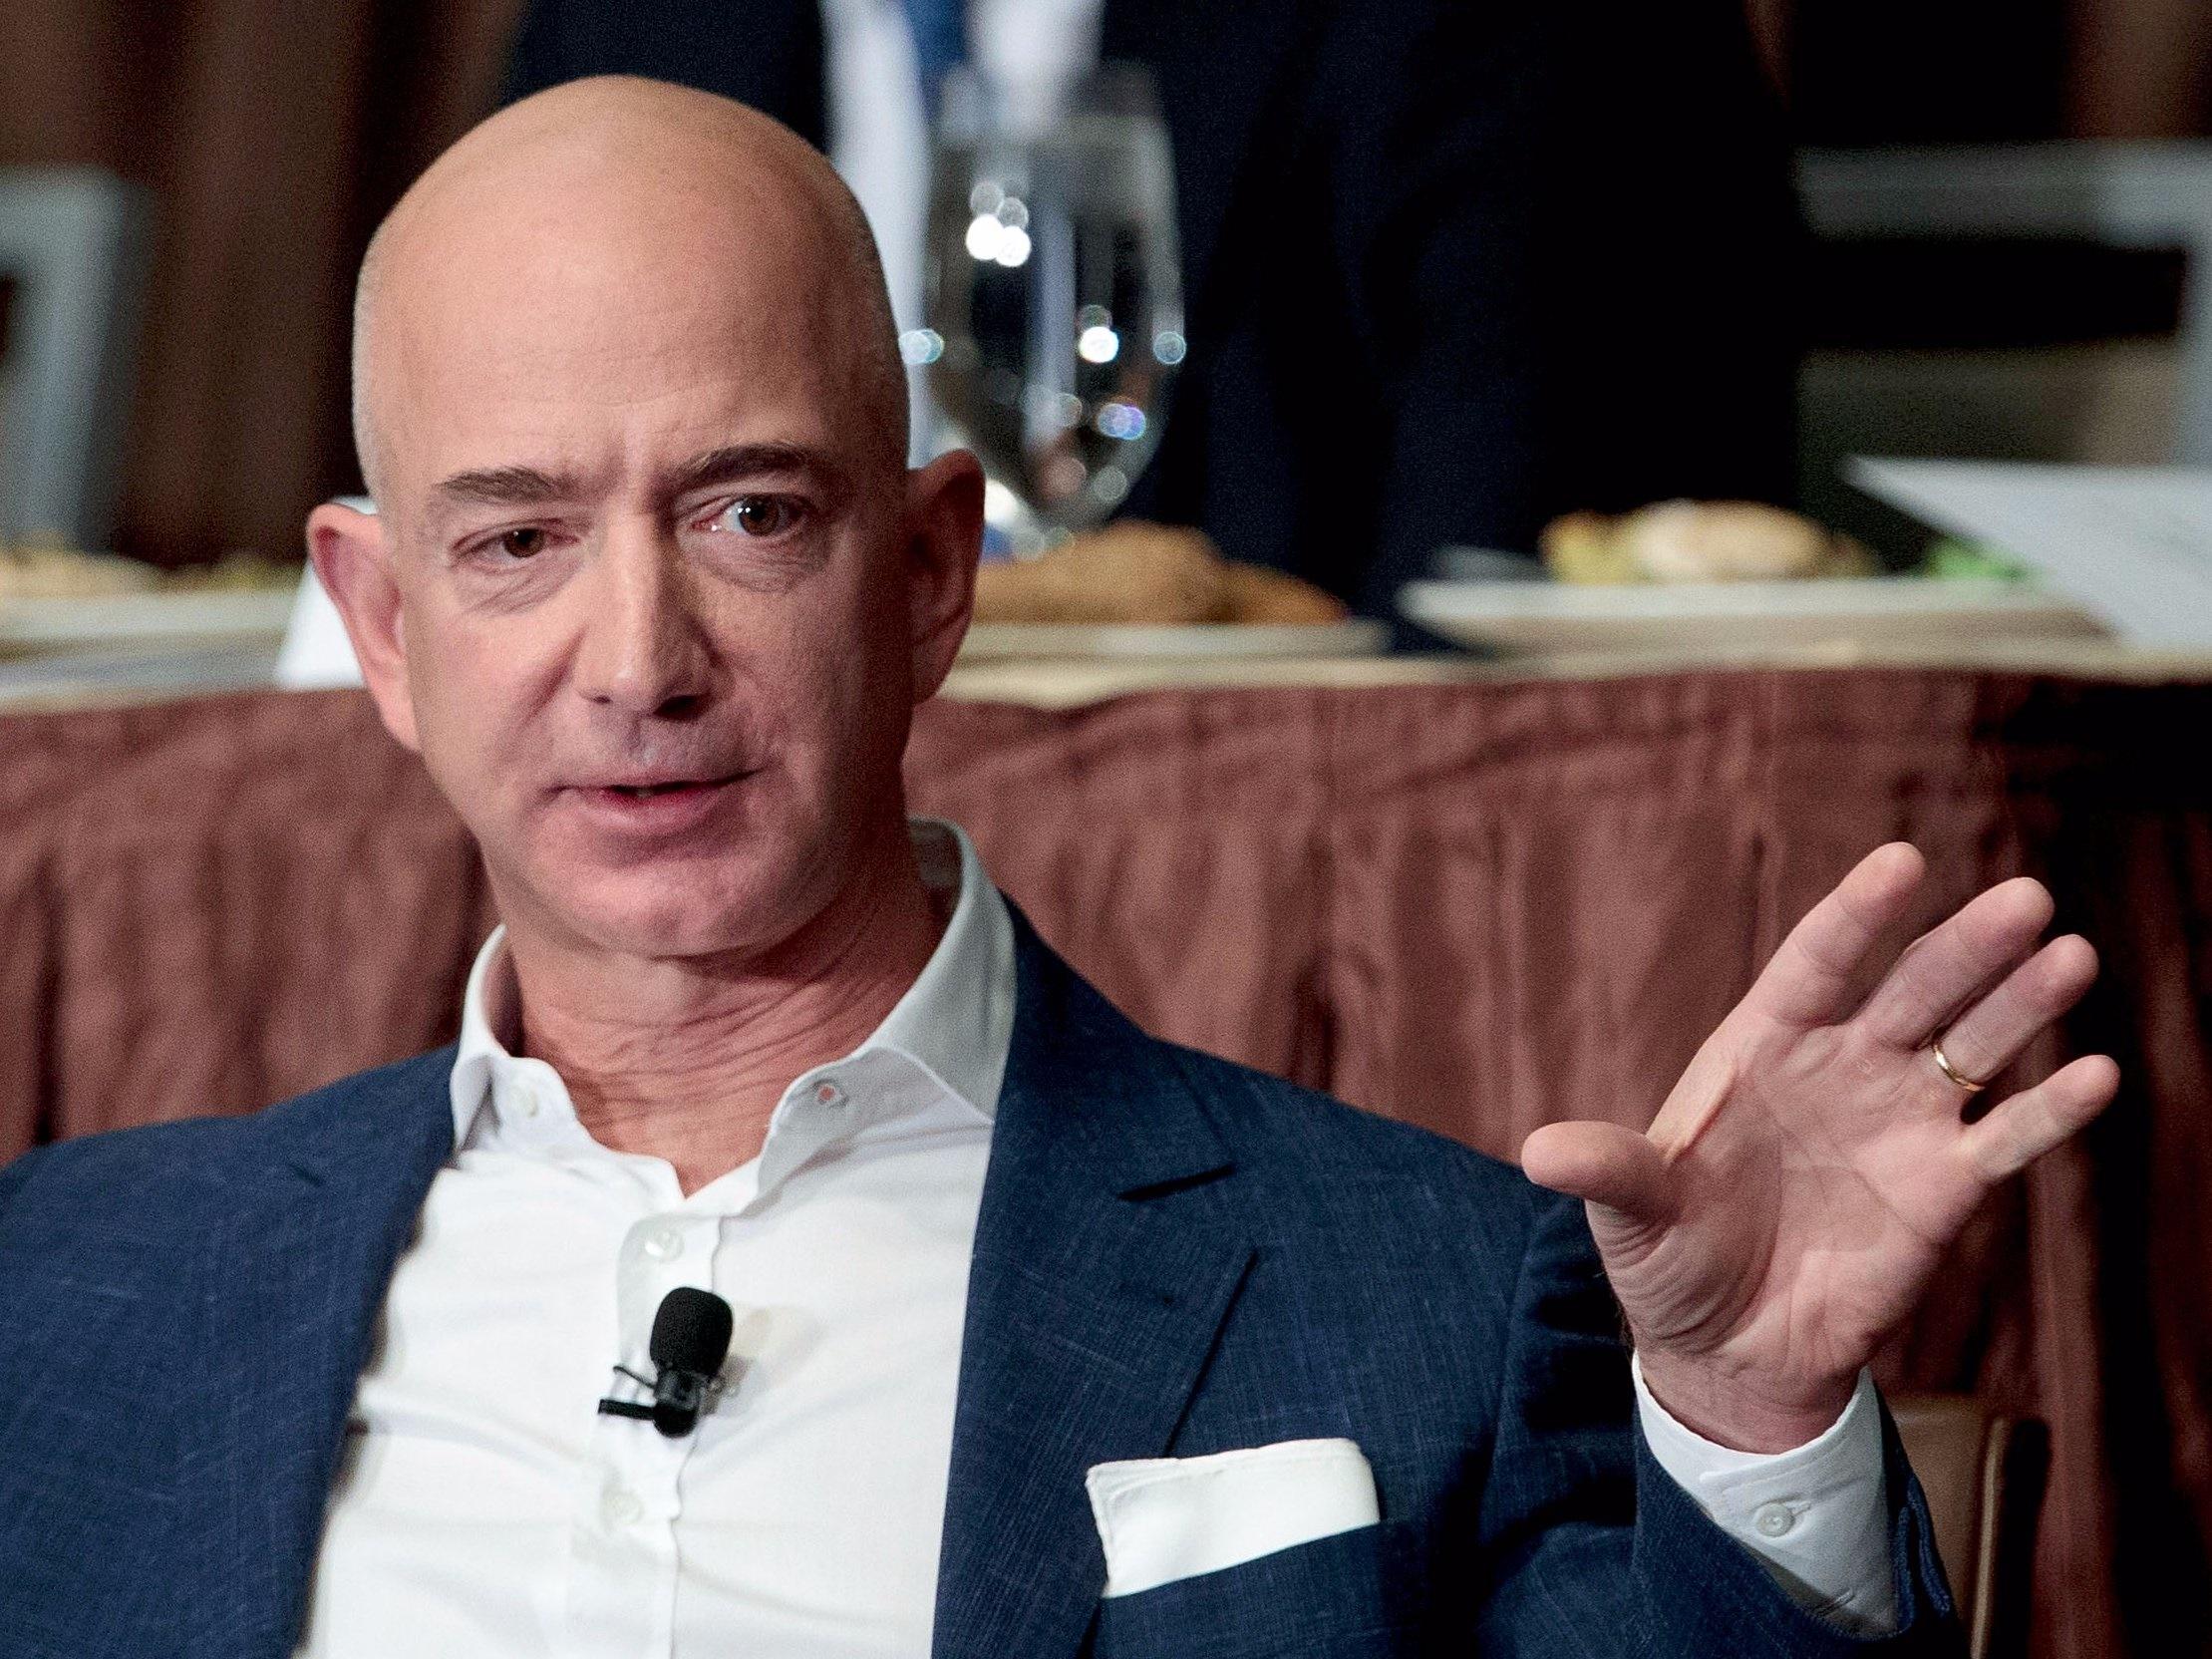 ثروتمندترین مرد جهان یک روزه ۷ میلیارد دلار ضرر کرد